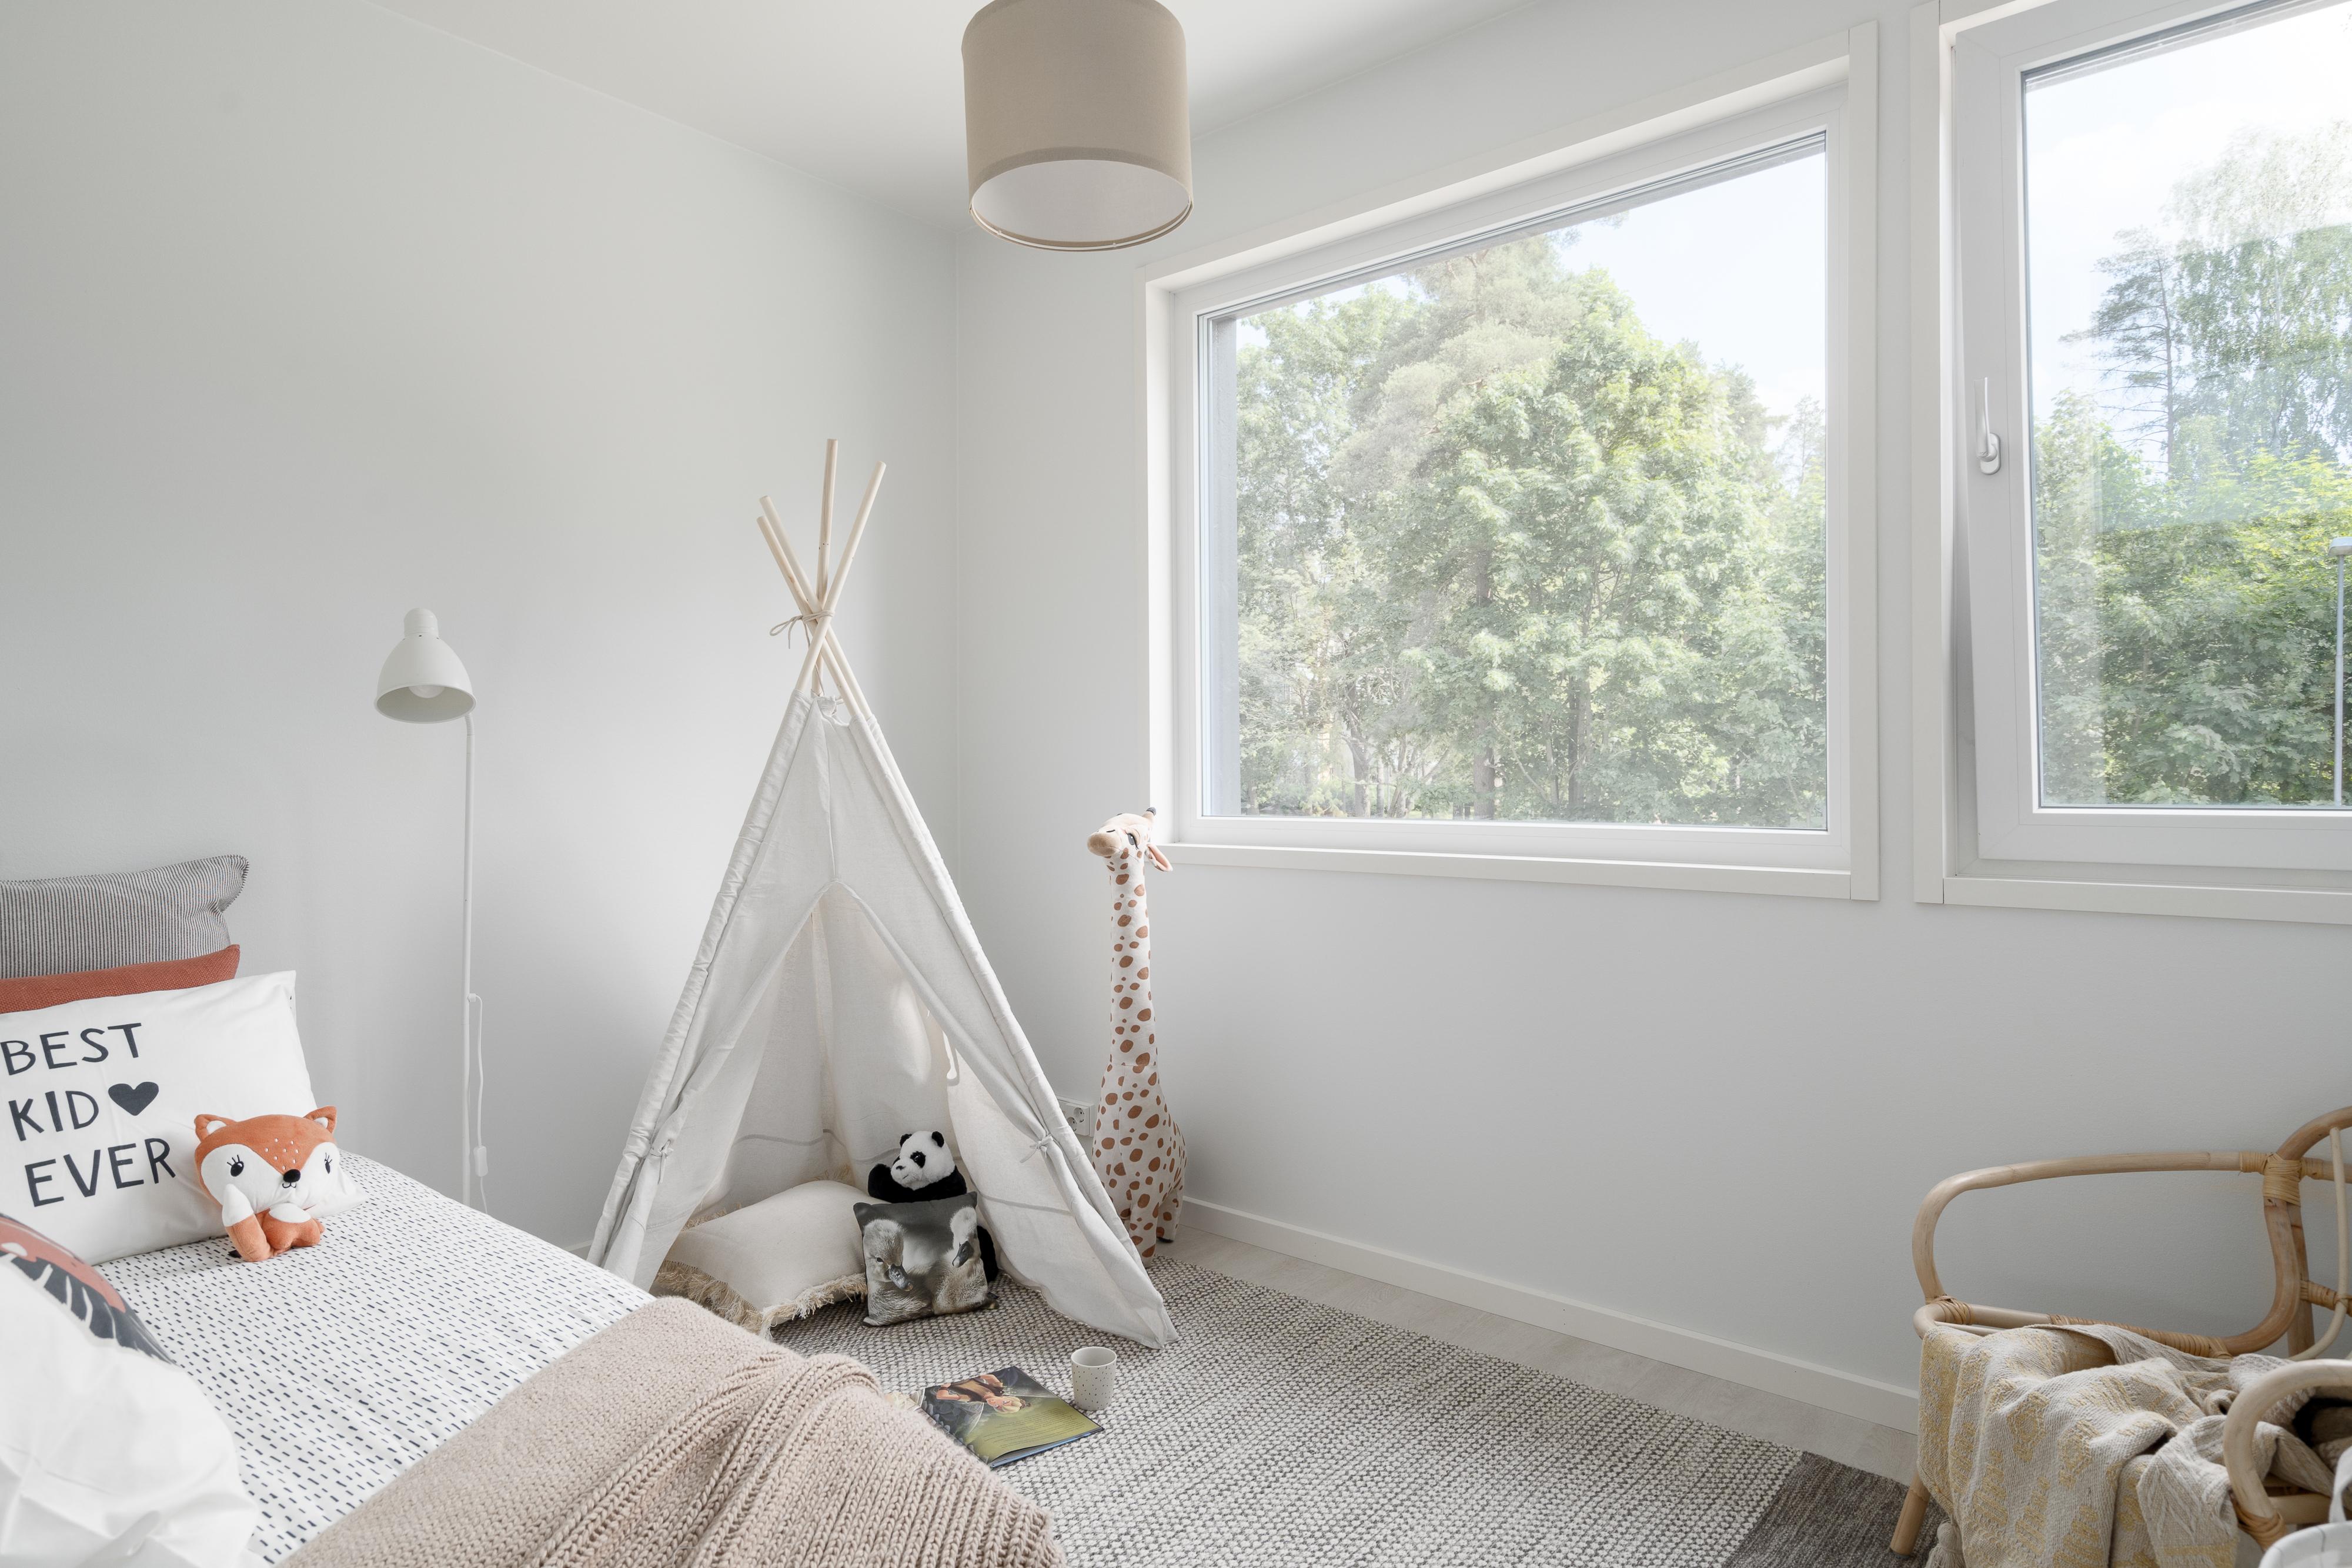 Kippi-ikkuna tuo lastenhuoneeseen turvallisen ja tehokkaan tavan tuulettaa.